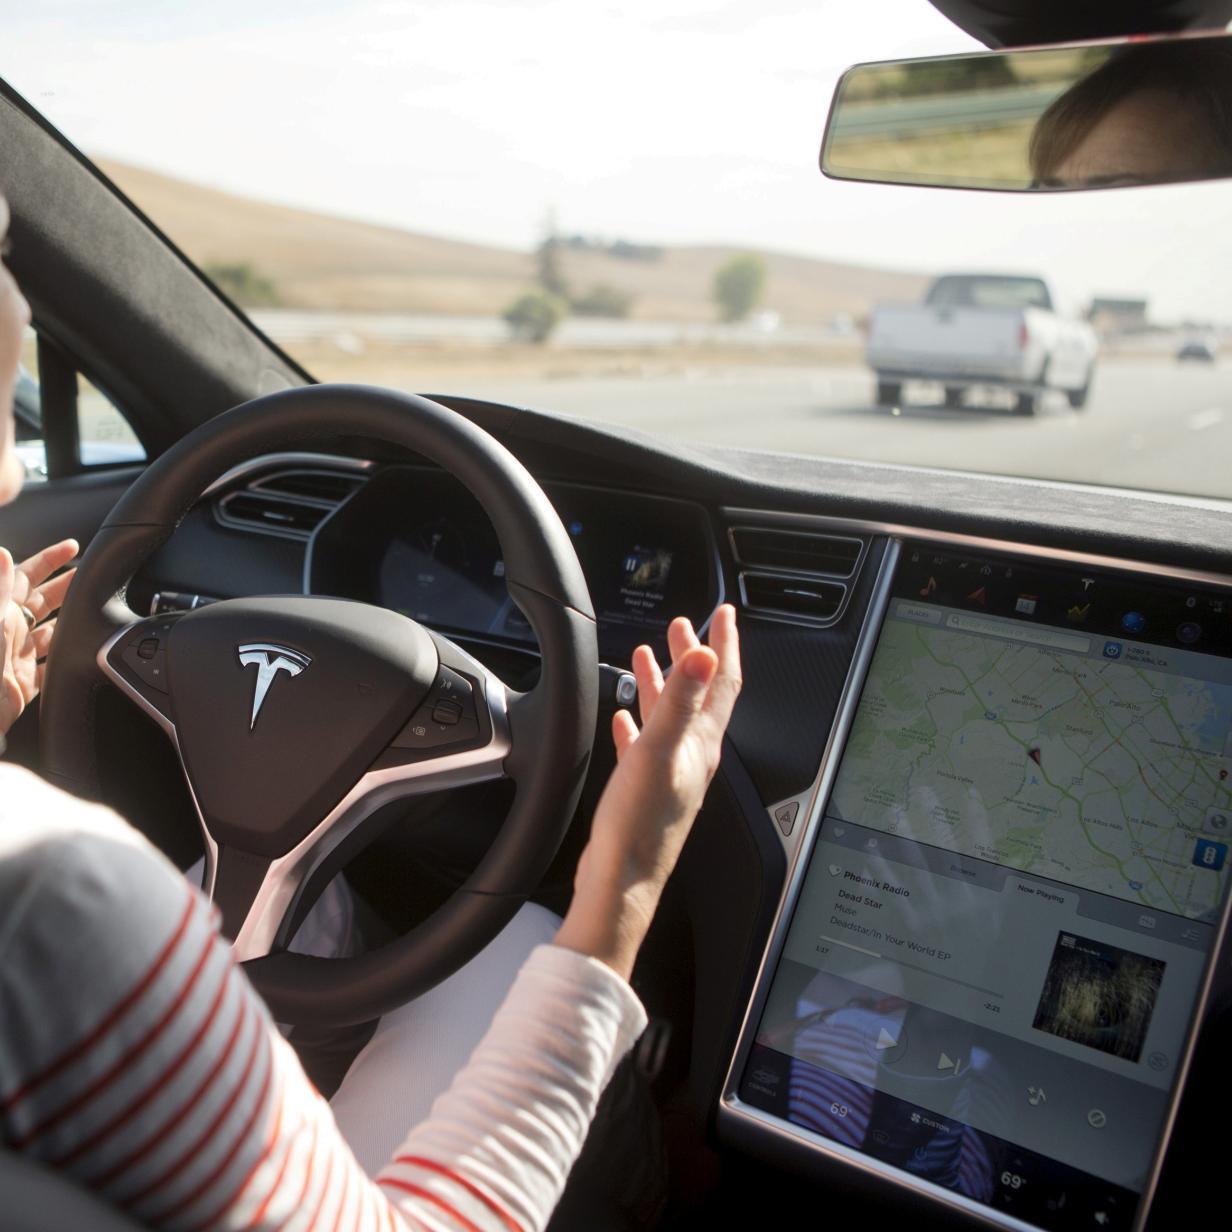 Tesla zeigt in neuem Video, wie Autopilot die Welt sieht